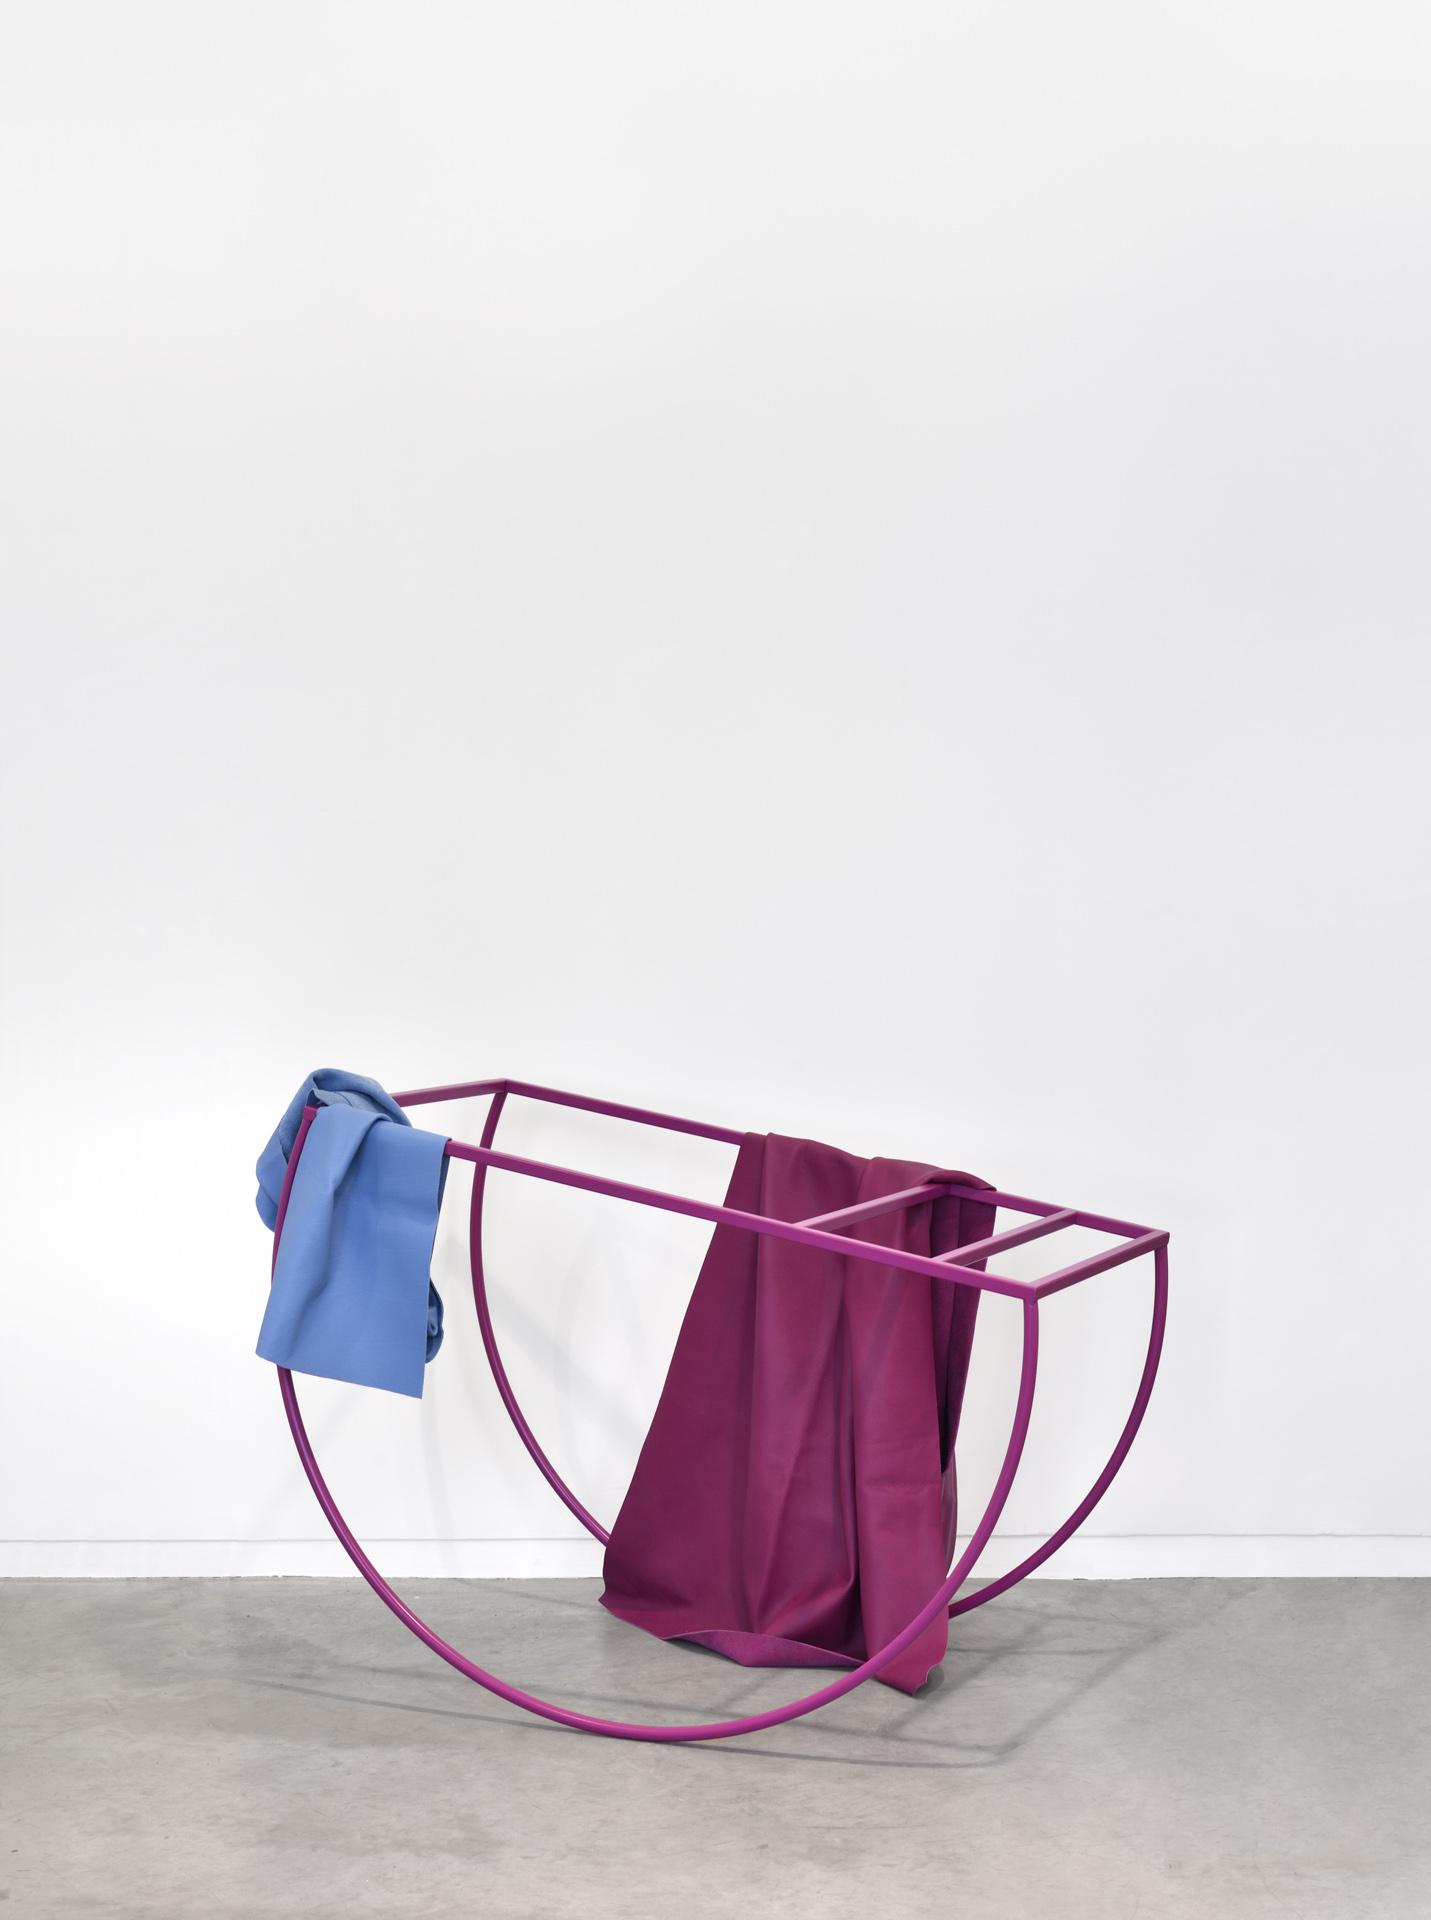 Acier thermolaqué, cuir. Crédit photo : Rebecca Fanuele. Courtesy de la Galerie Eric Mouchet.